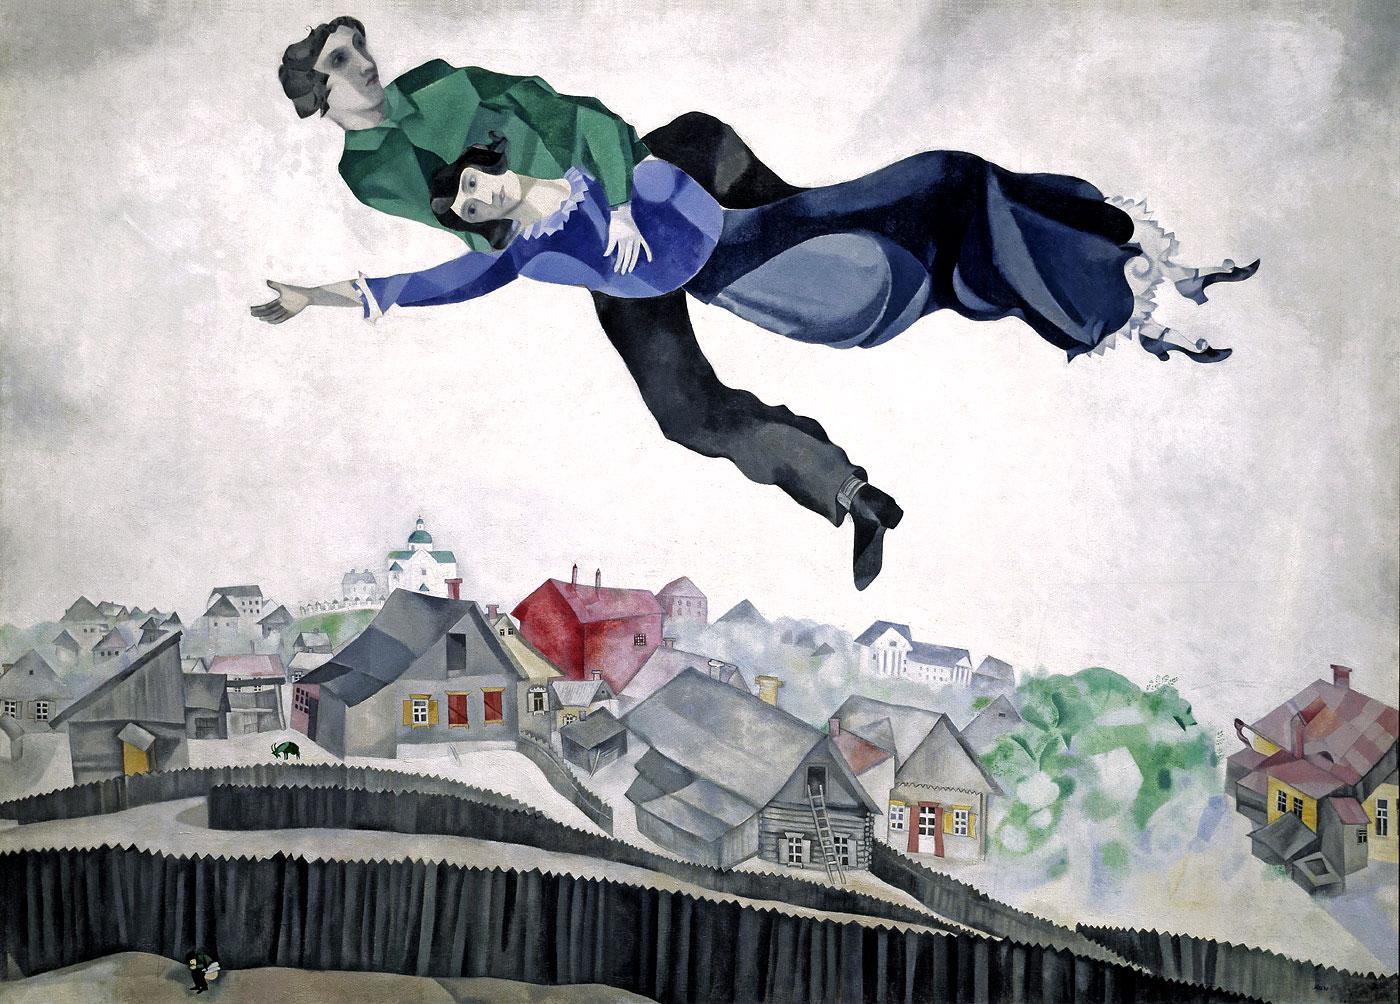 История одного шедевра: «Над городом» Шагала